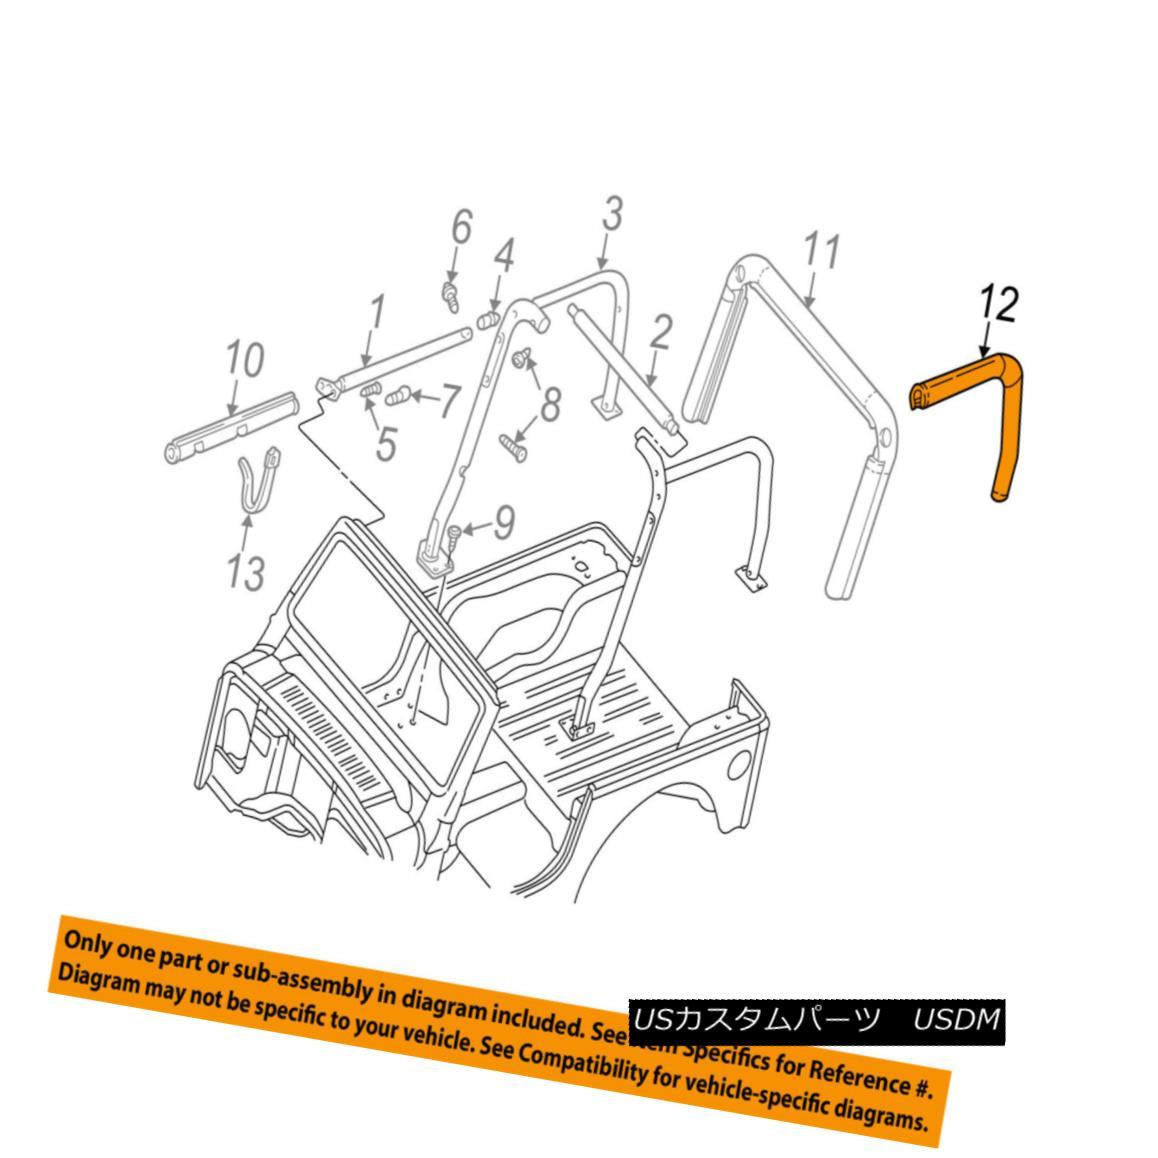 幌・ソフトトップ Jeep CHRYSLER OEM 97-02 Wrangler Convertible/soft Top-Top Cover Right 5FU81LAZAD ジープクライスラーOEM 97-02ラングラー・コンバーチブル/ so ftトップ・トップ・カバー右5FU81LAZAD